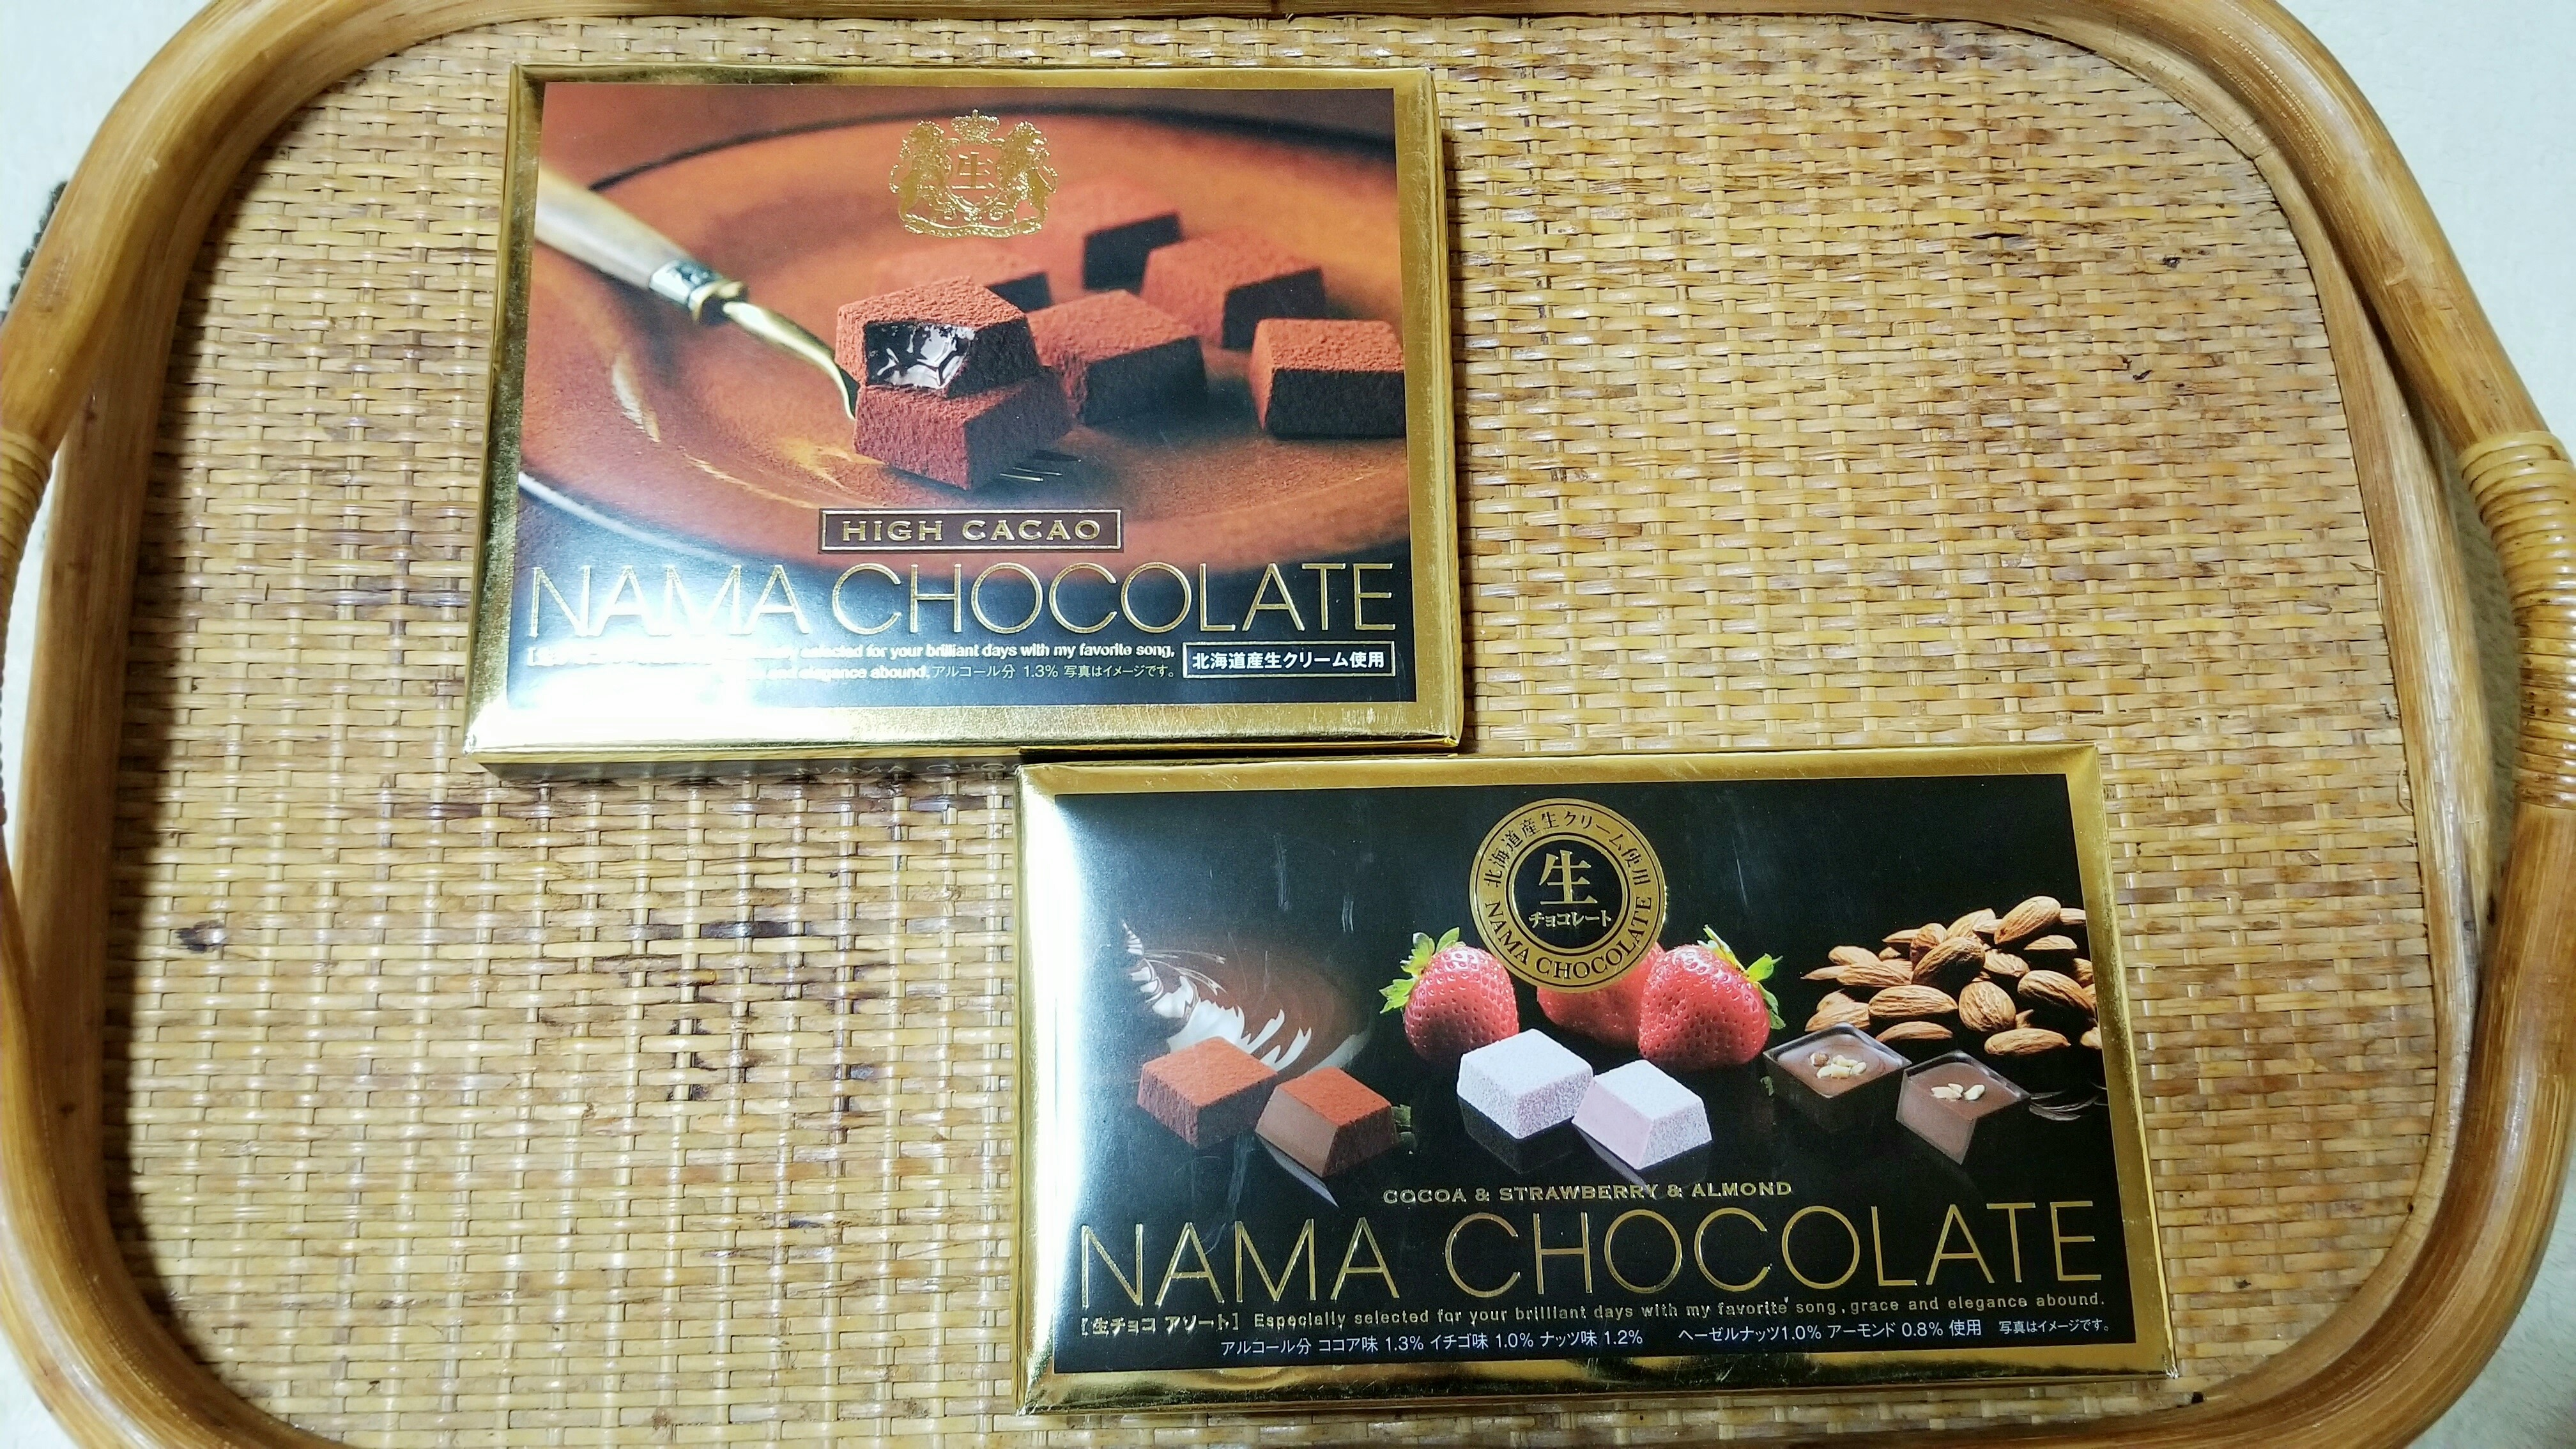 ハイカカオスーパーの生チョコレート安いおいしい人気おすすめ